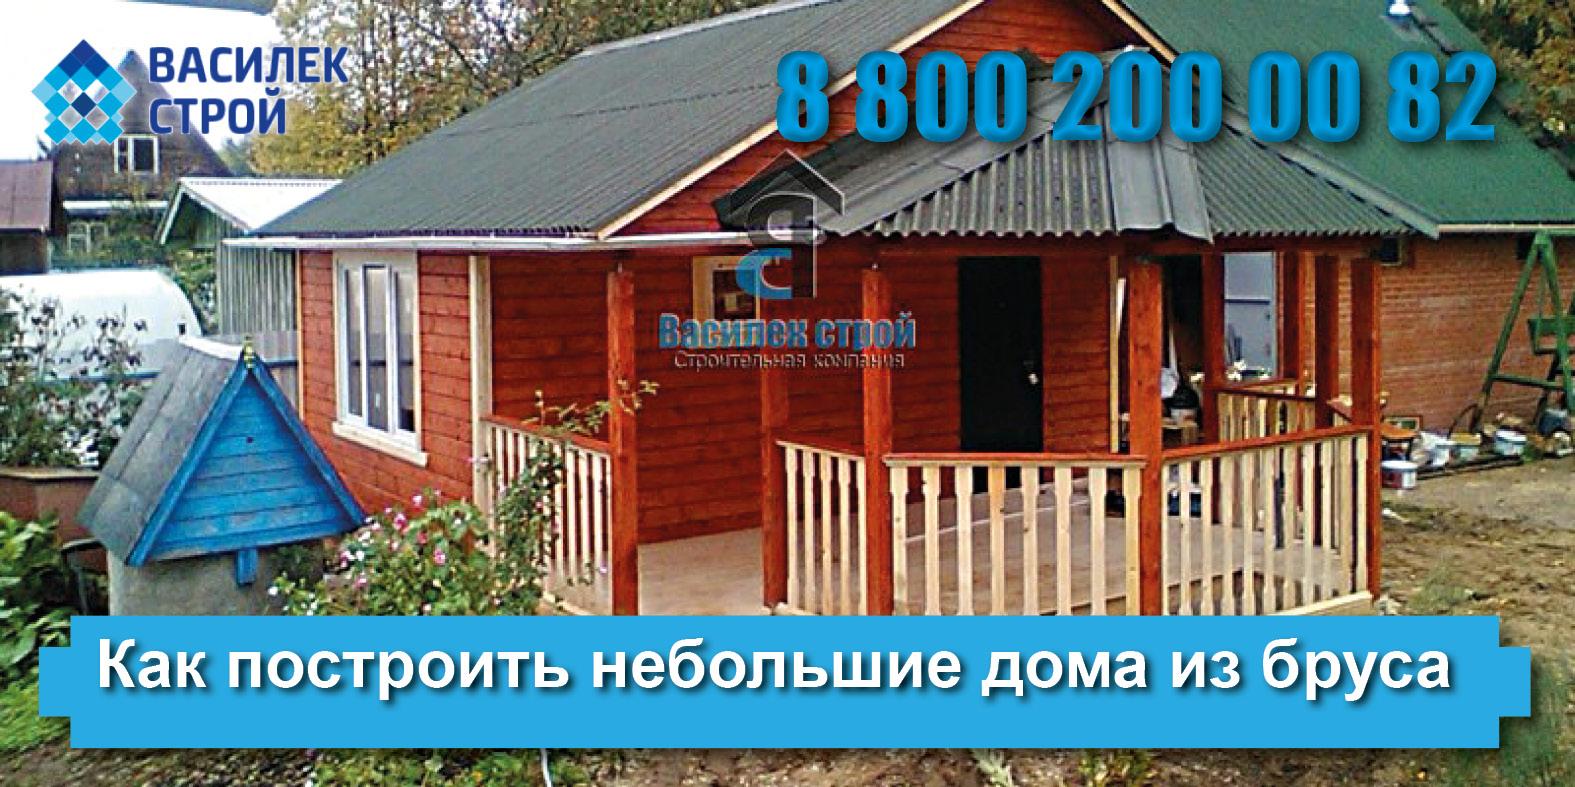 Сколько стоит построить небольшие дома из бруса для дачи: где взять проекты небольших дачных домов из бруса